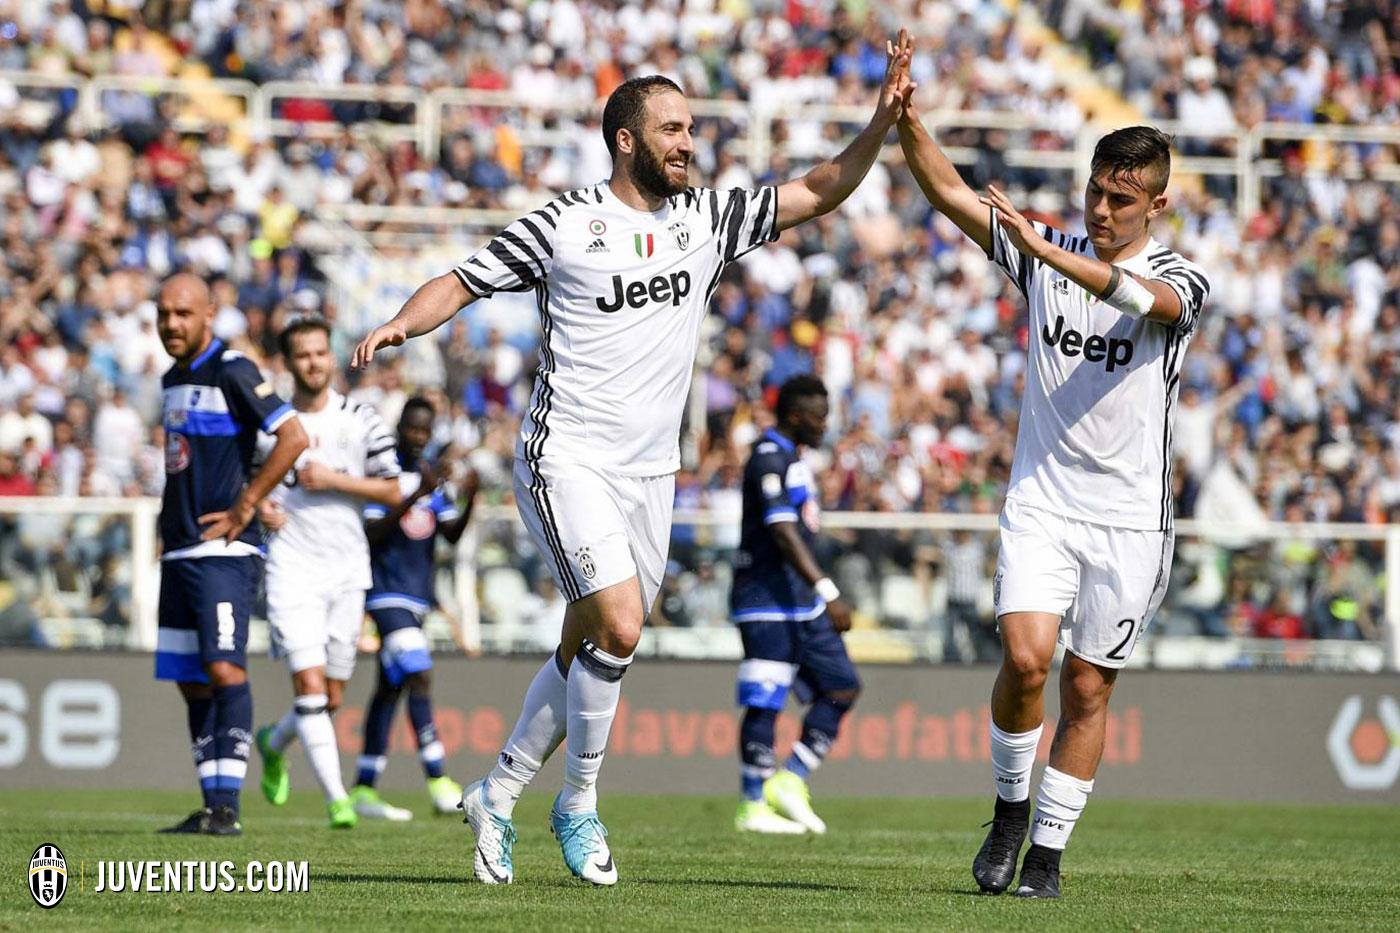 Taken from Juventus.com